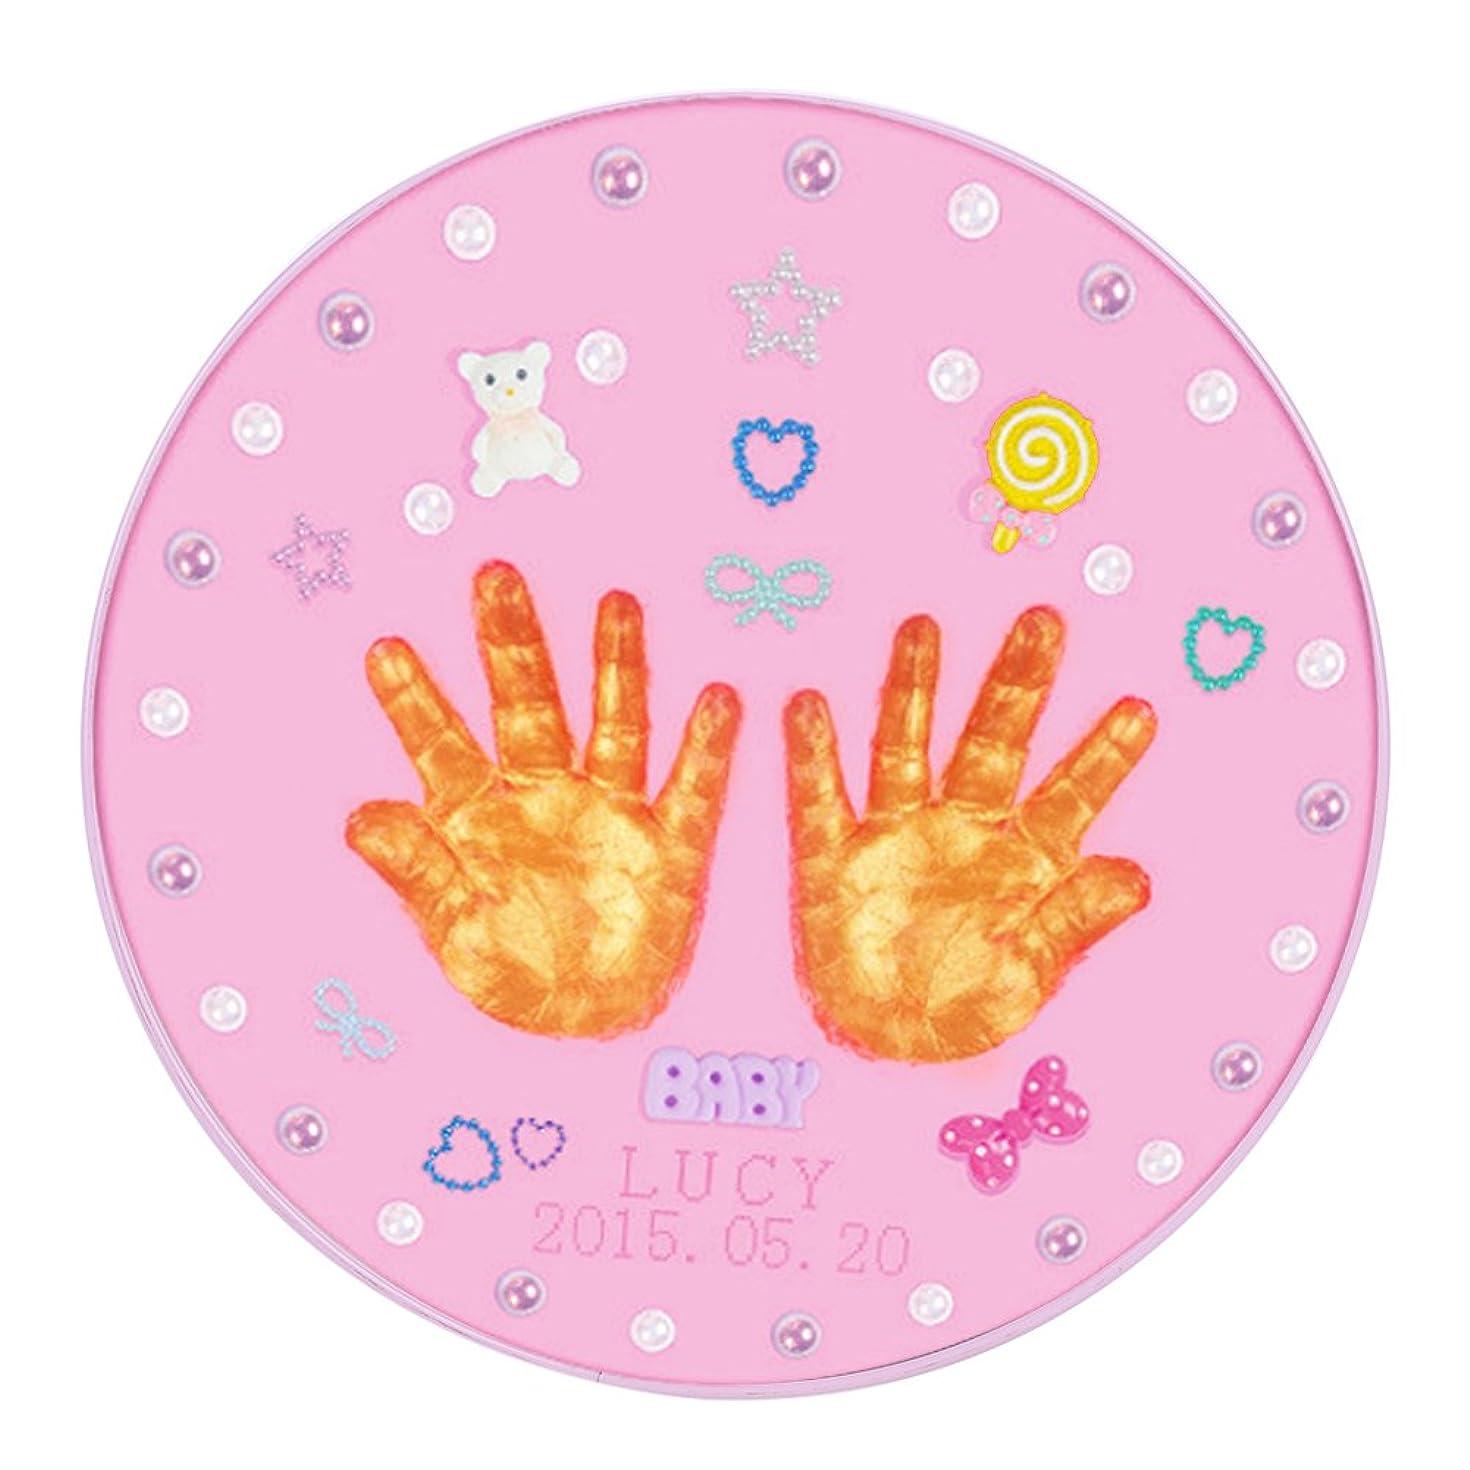 足枷是正するアルネフォトフレーム ベビーフレーム 手形足形フレーム 手形 足形 赤ちゃん 手作り DIY 無毒で安全な粘土 可愛いアクセサリがある 卓上用 ステント付き ダストカバー付き 有意義 面白い 誕生日プレゼント 出産祝い ベビー記念品 男女兼用 2色(ピンク)